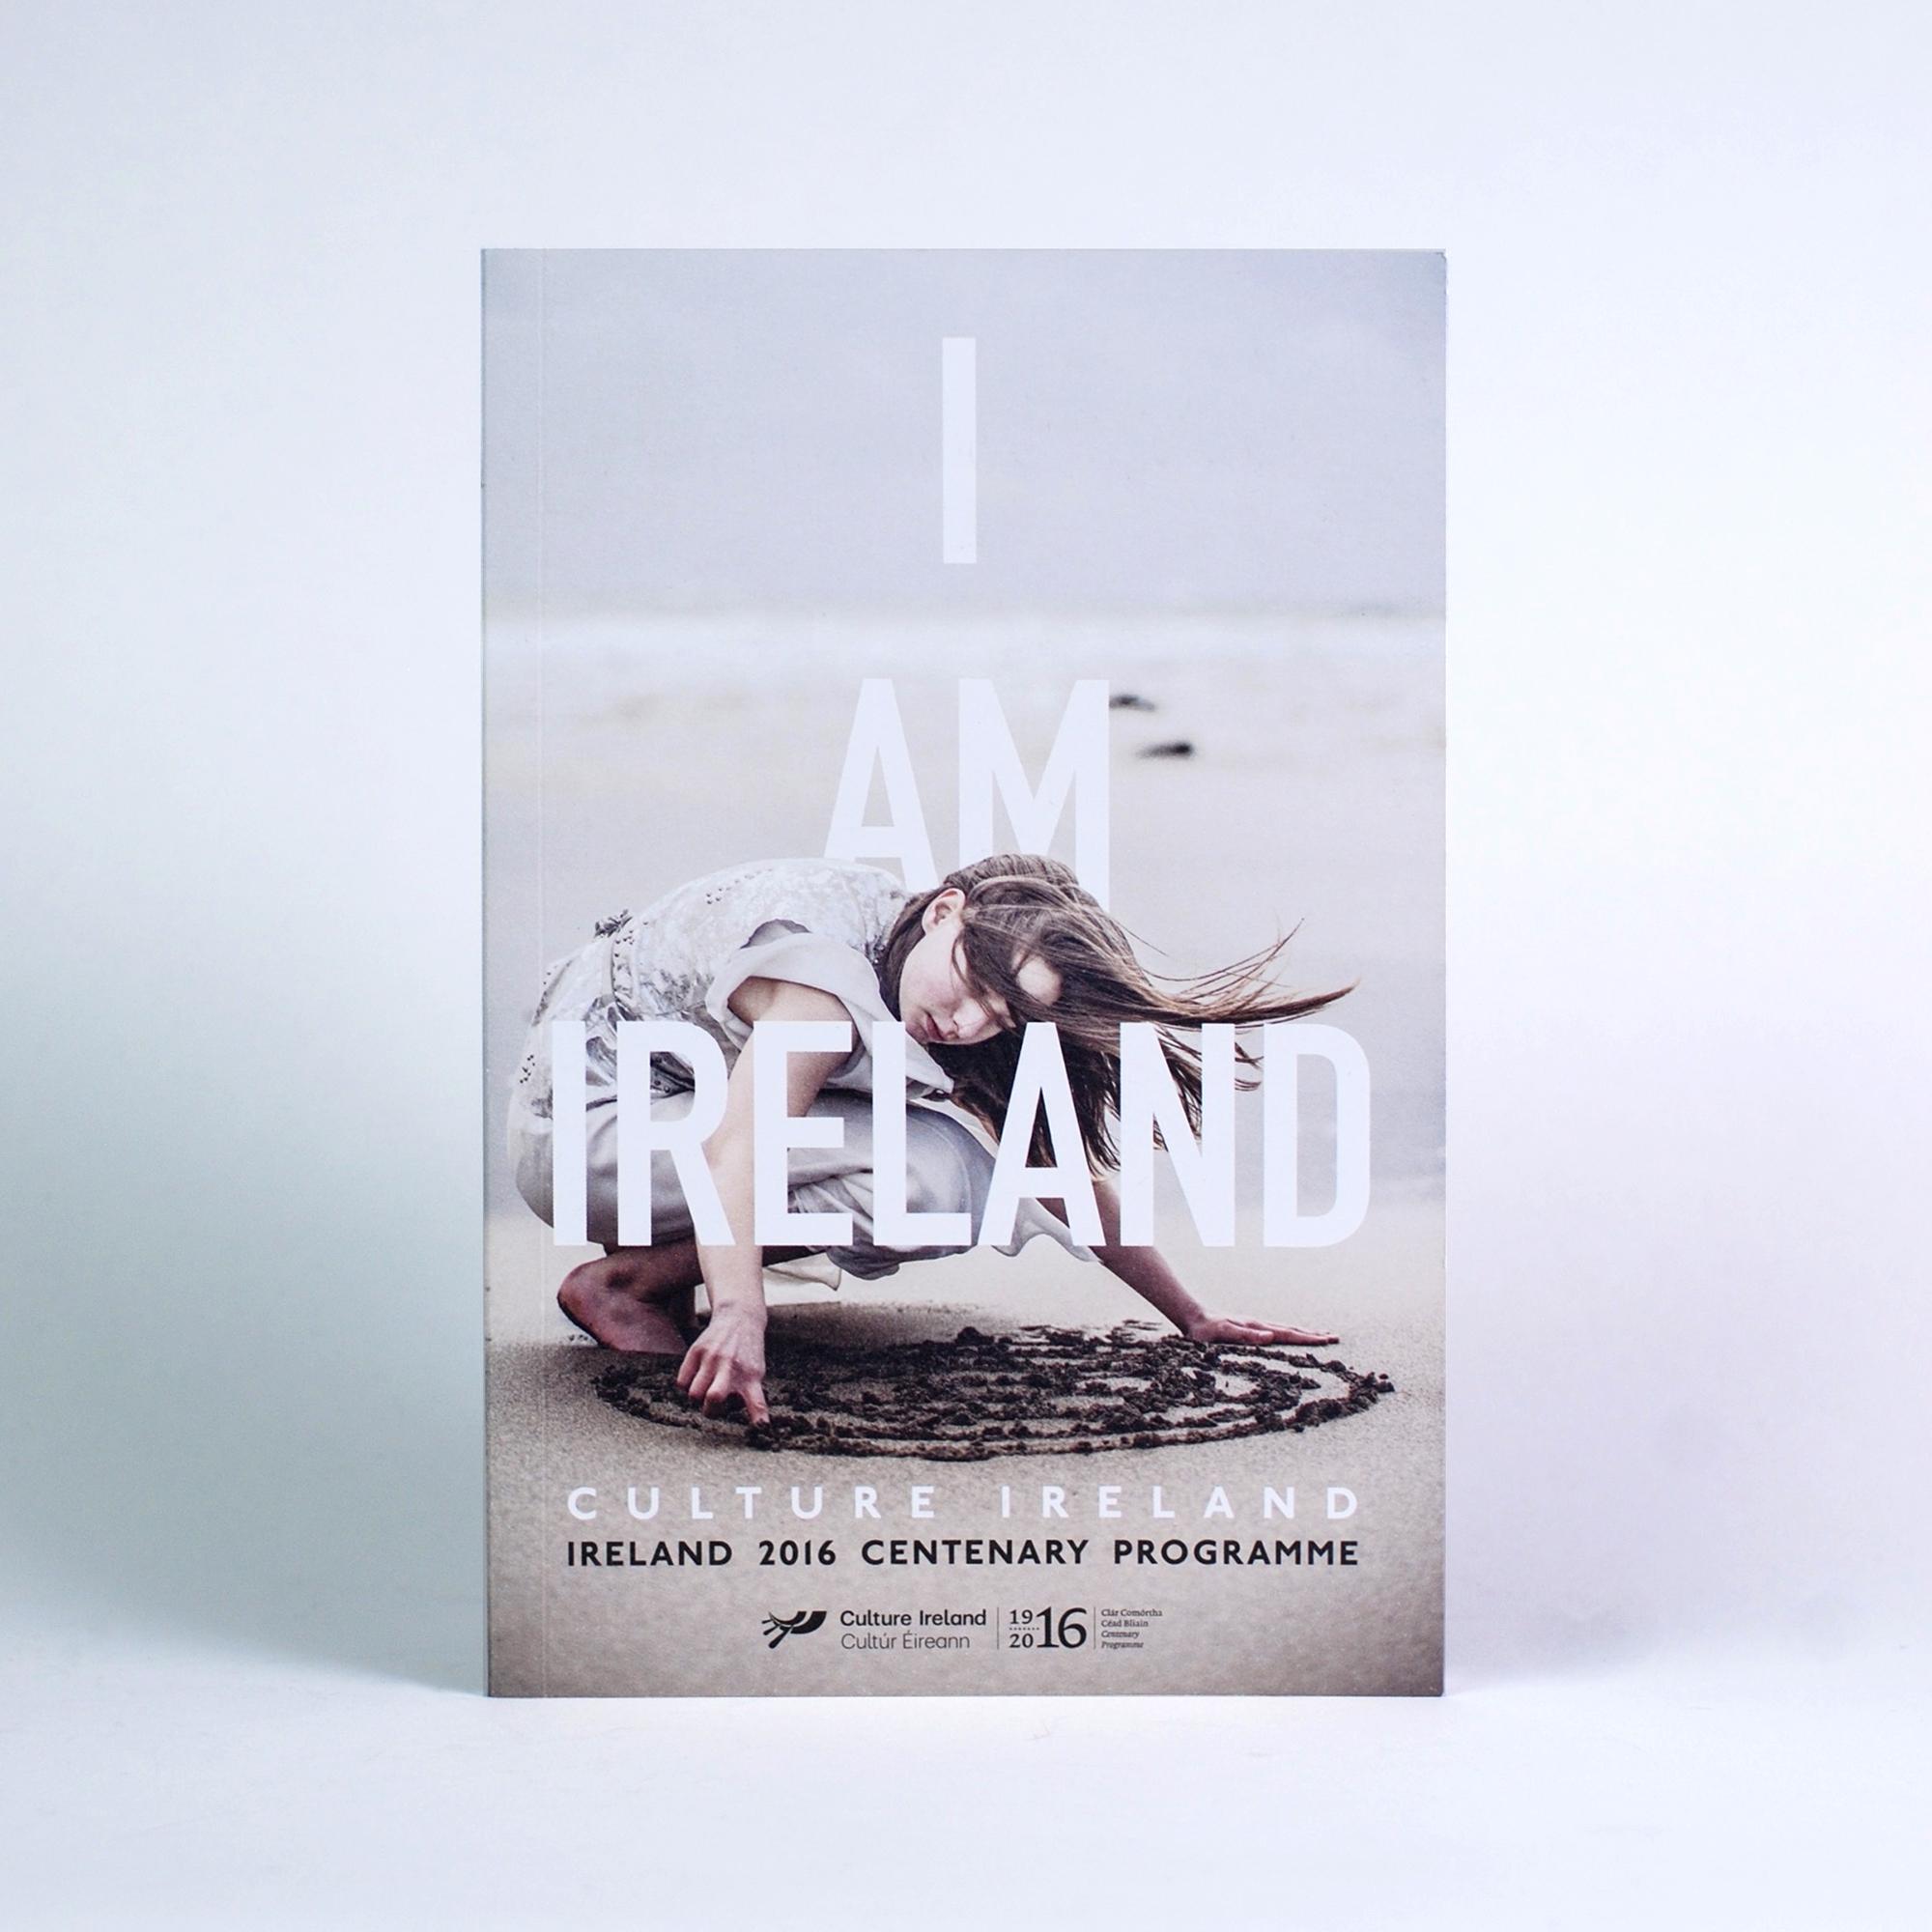 Cover image: I Am Ireland (2015)